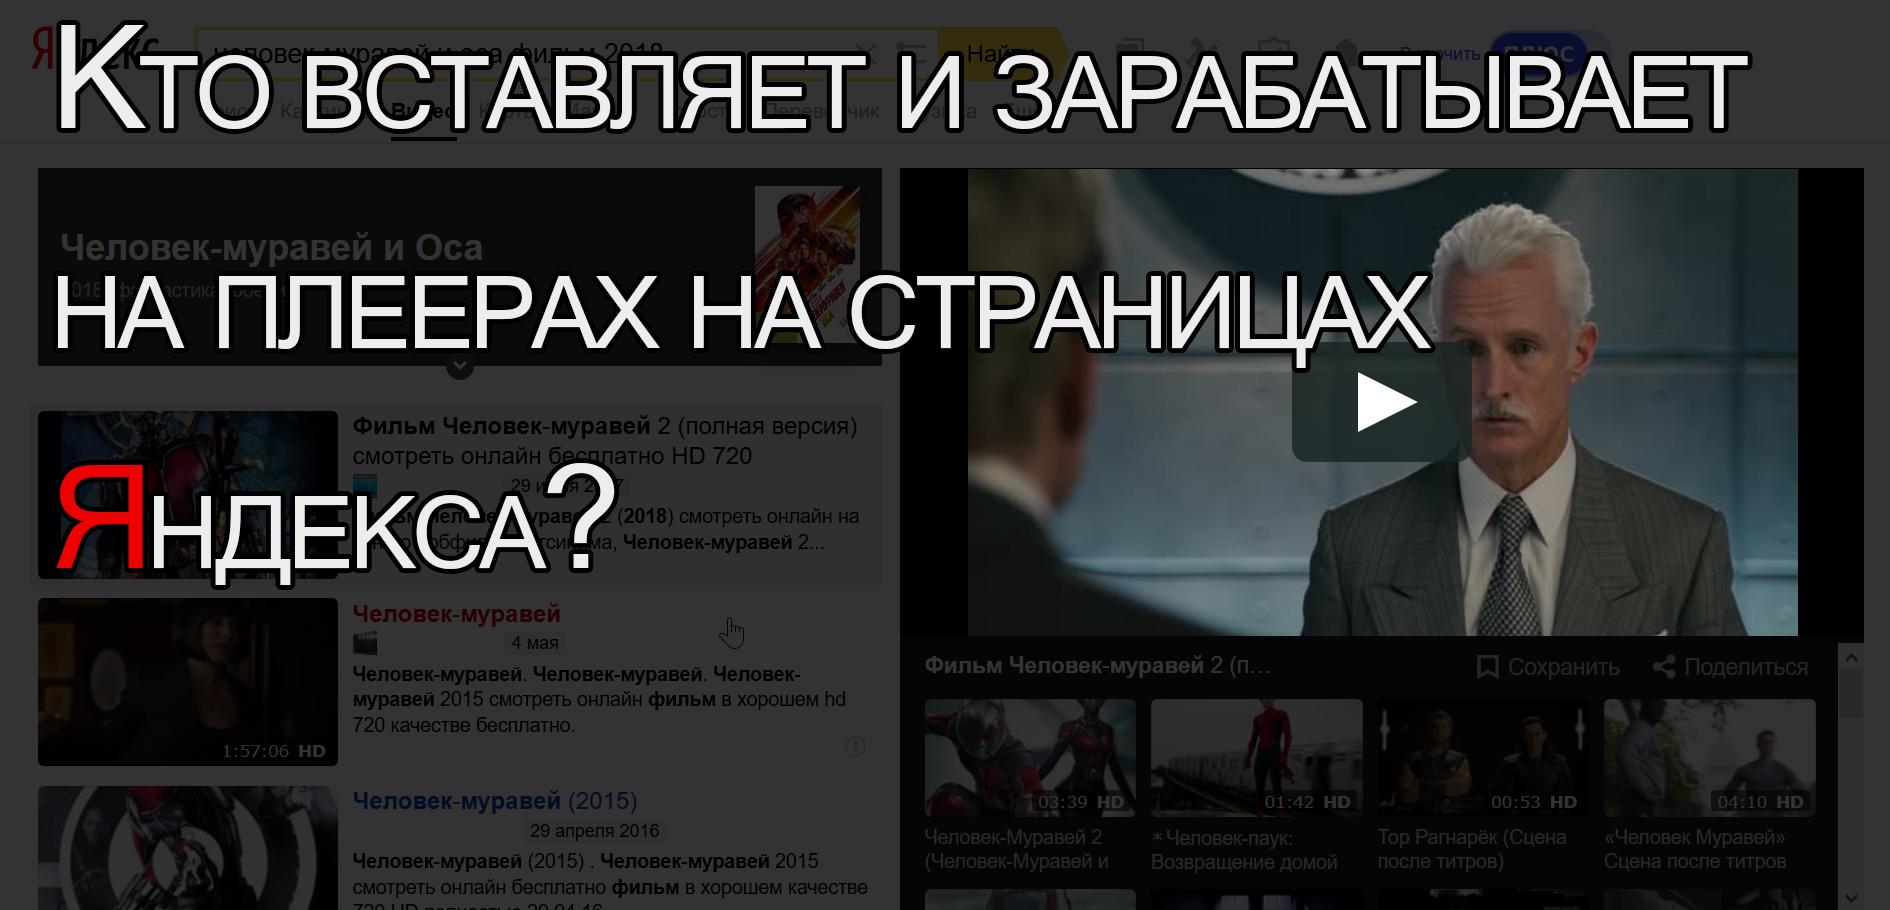 Кто в рунете монополист пиратского видео-контента? - 1